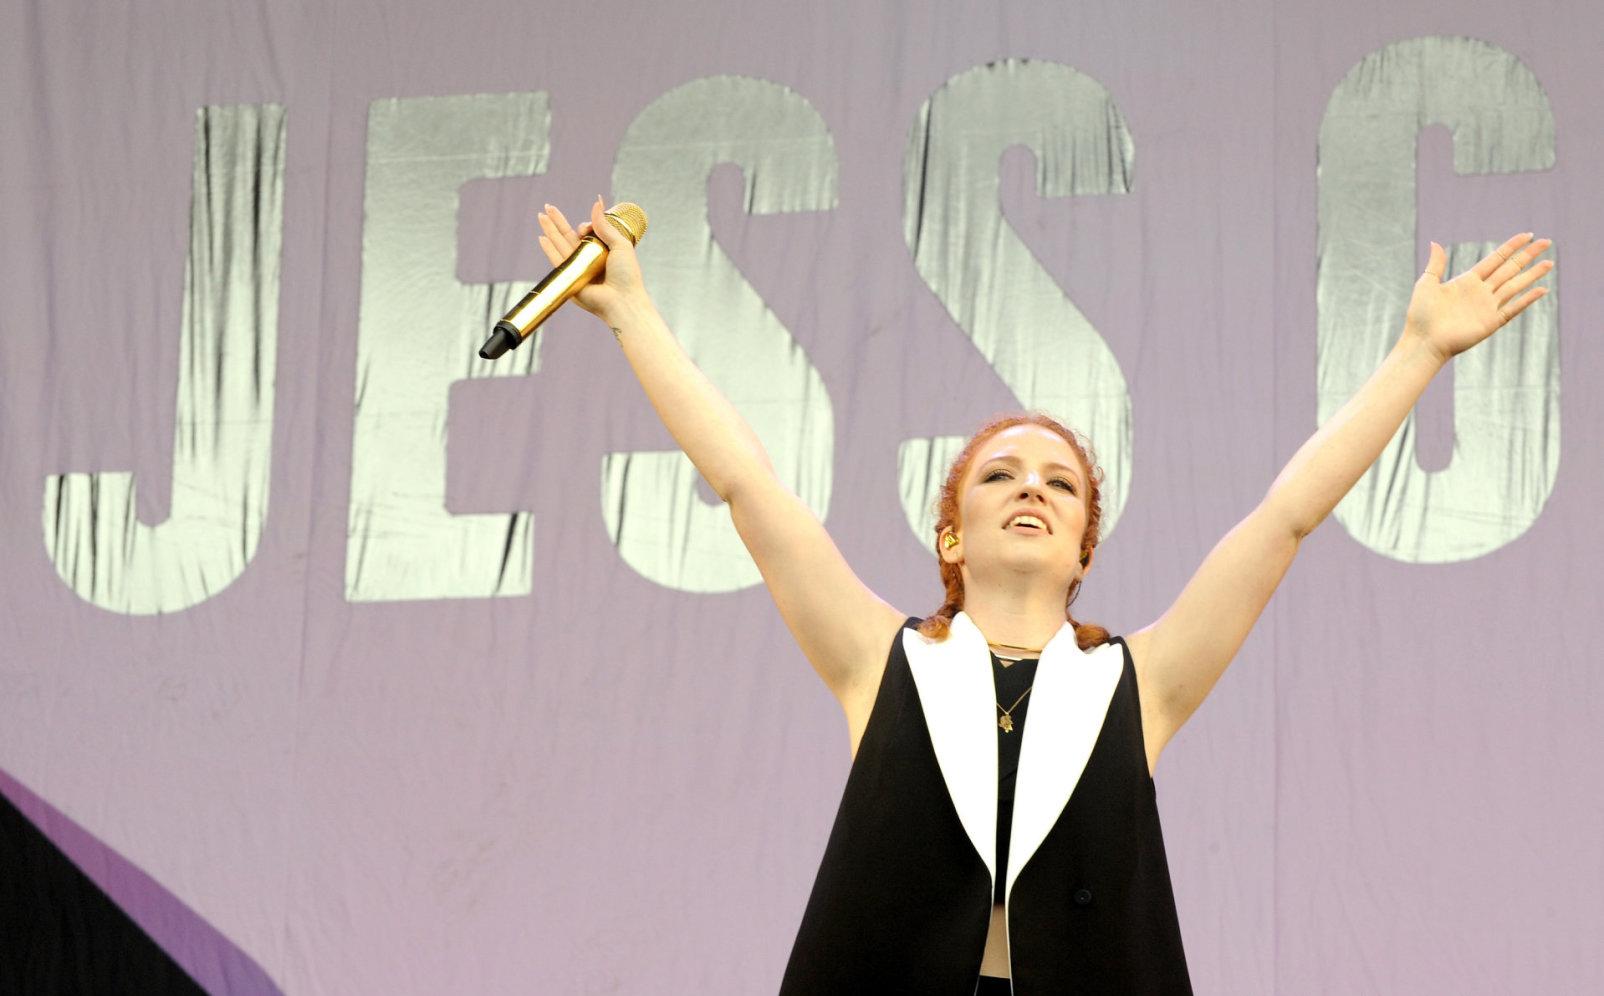 Jess Glynne Performing at V Festival Day at Hylands Park